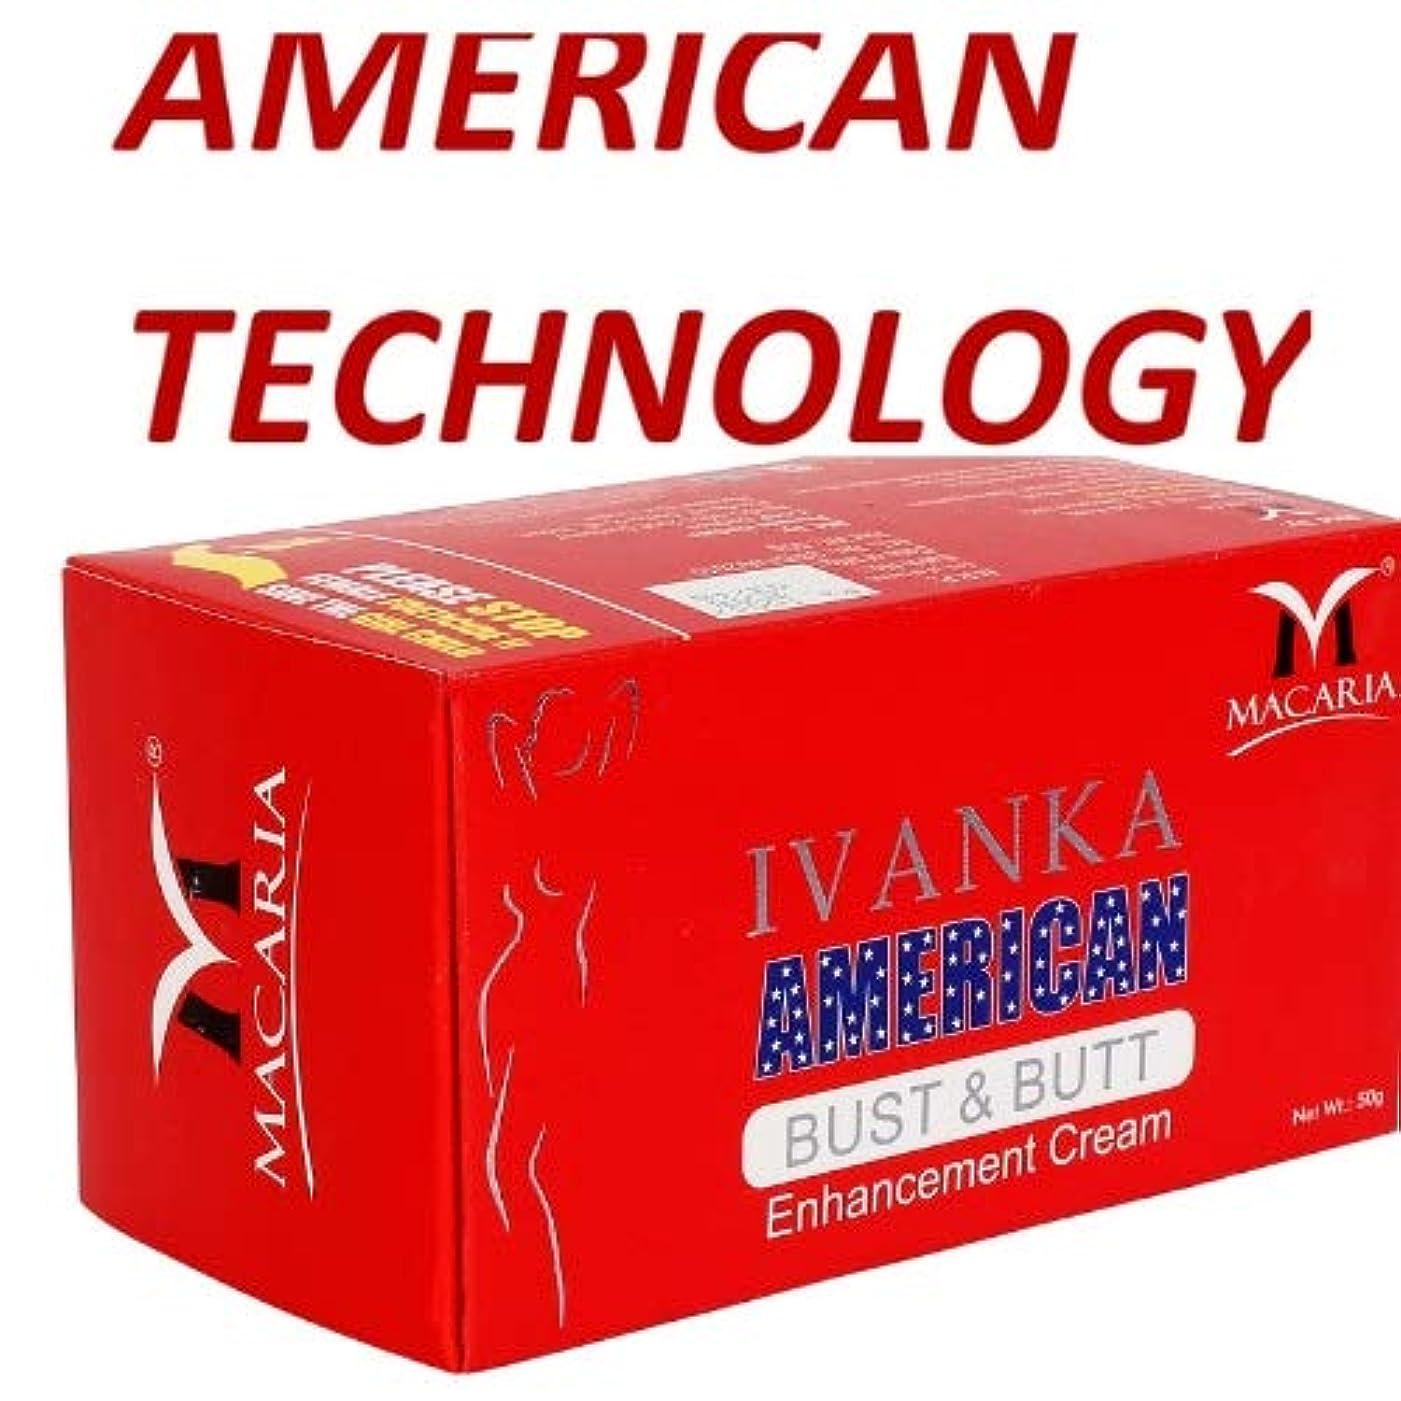 借りる召集する比類なきSEXY FIGURE CREAM WITH AMERCIAN TECHNOLOGY